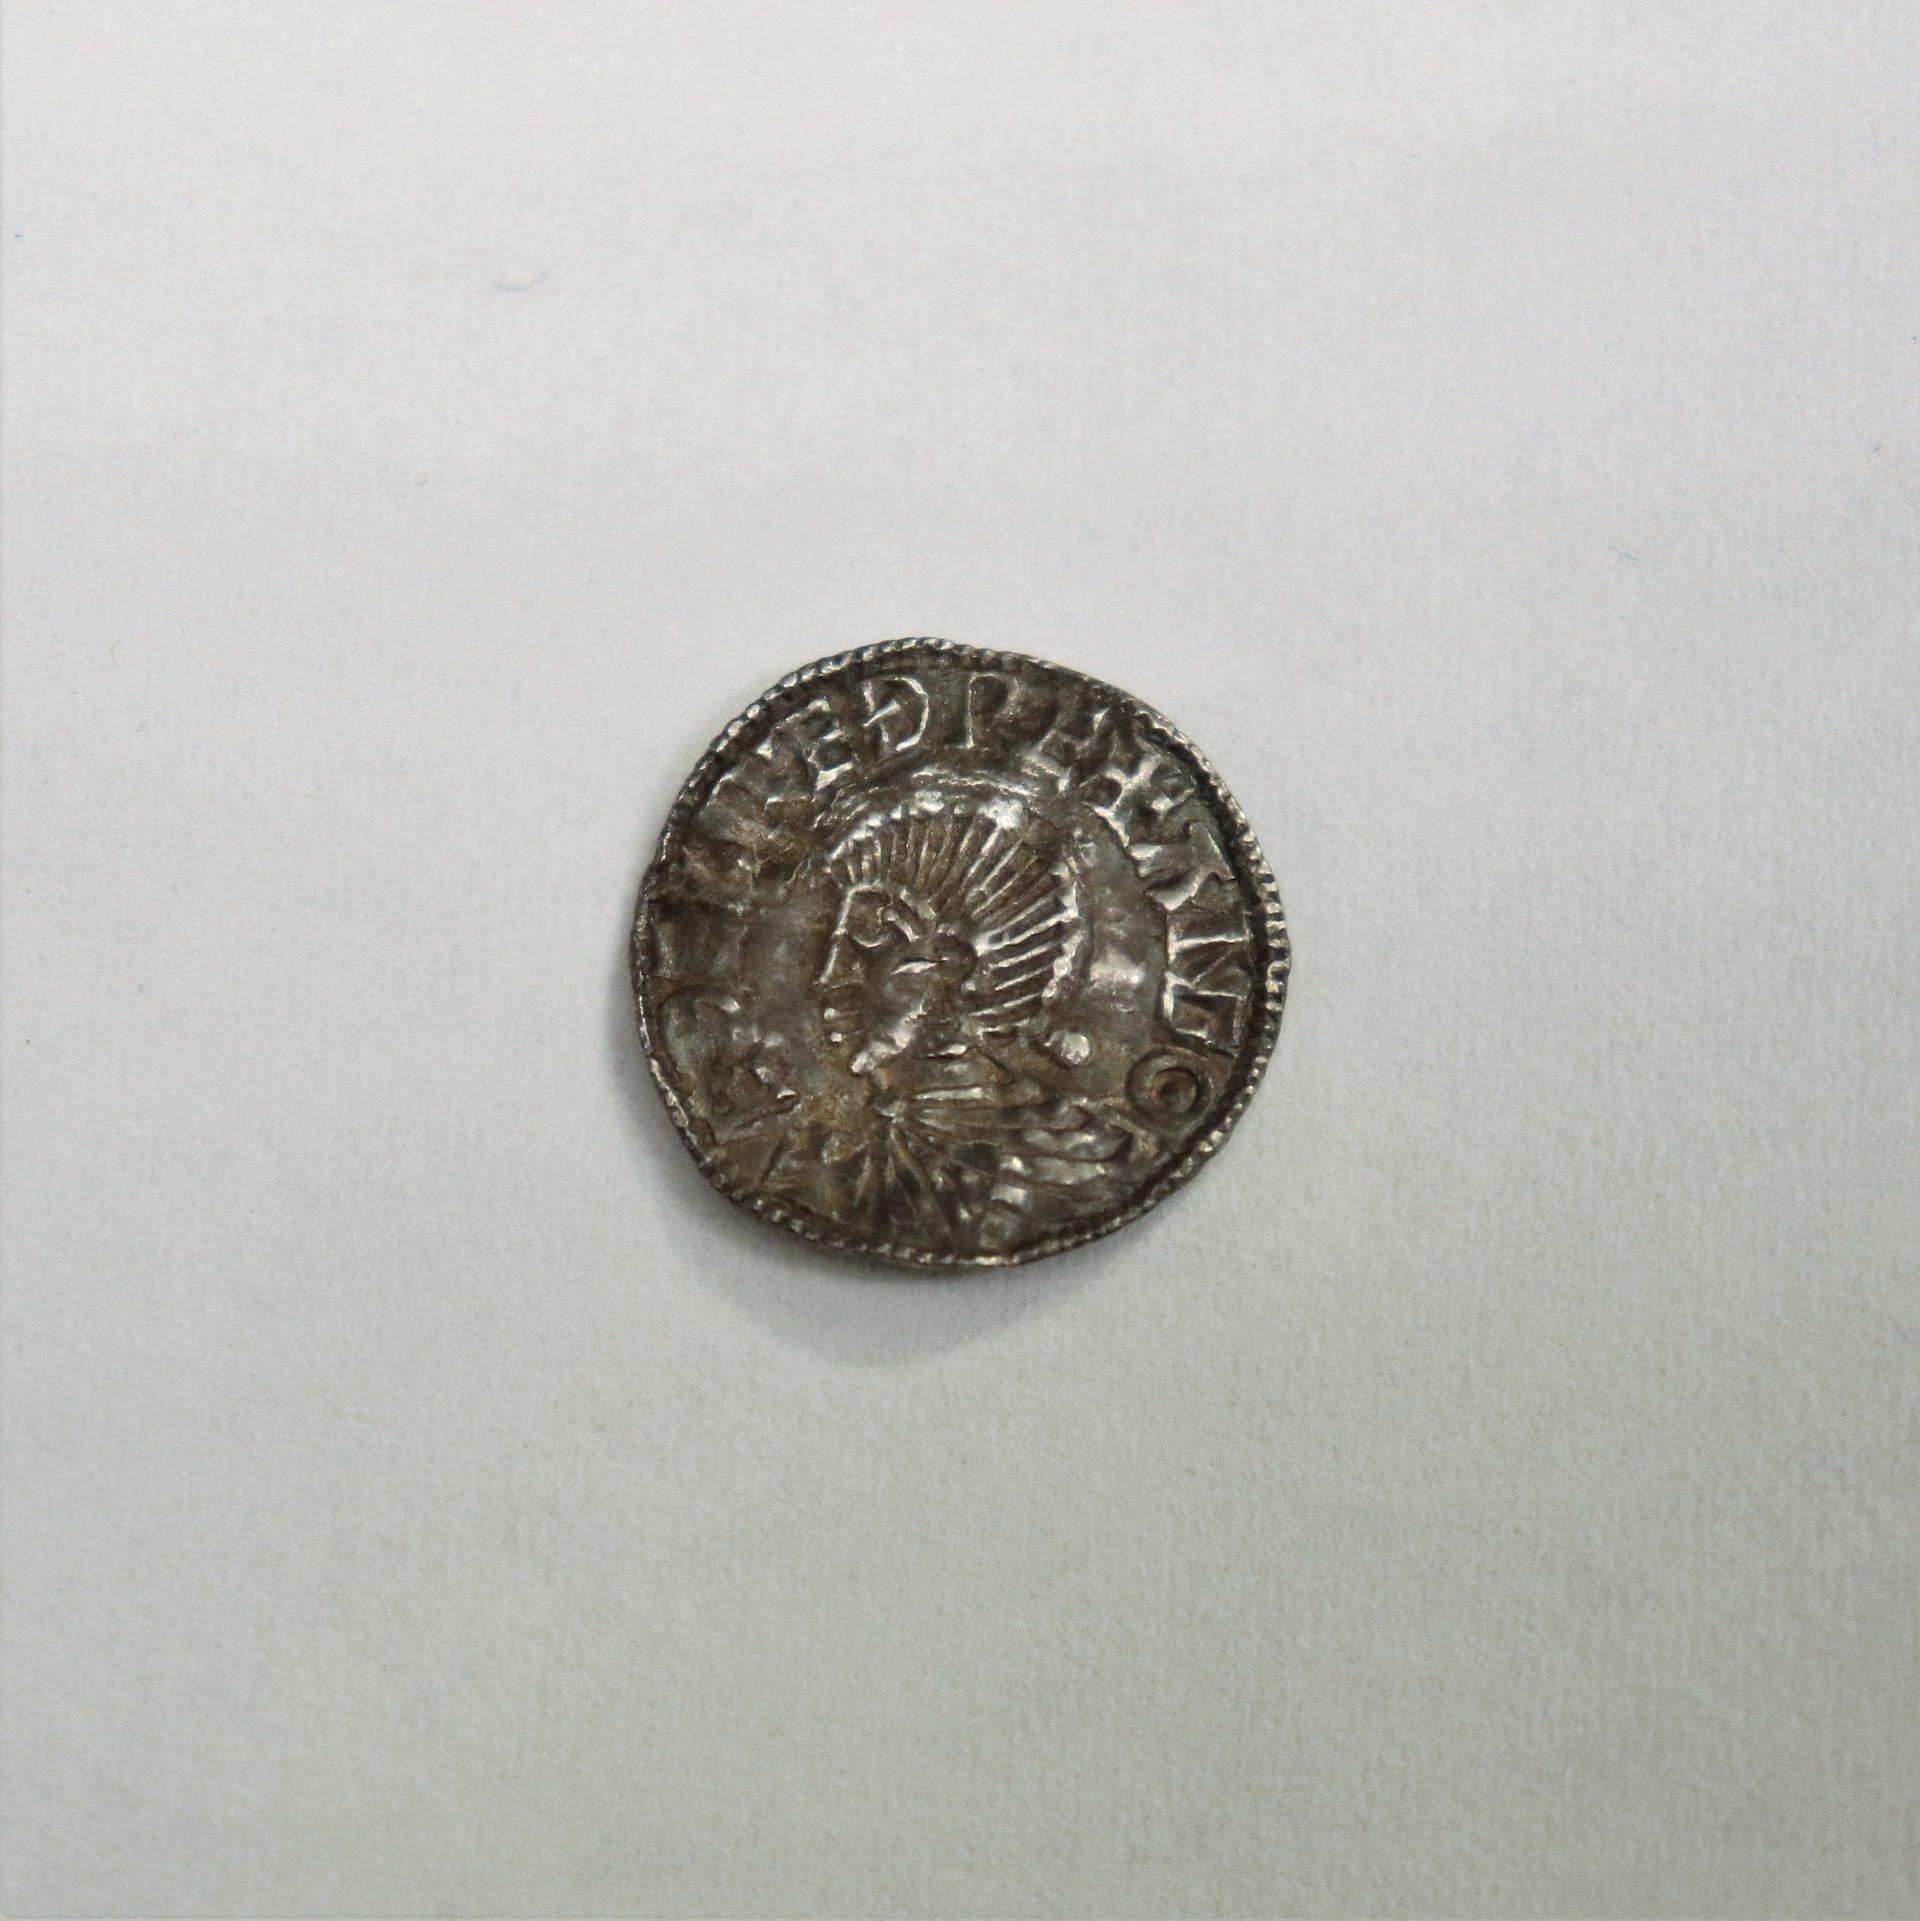 Silverfärgat mynt med ansikte i mitten och text runt kanten.